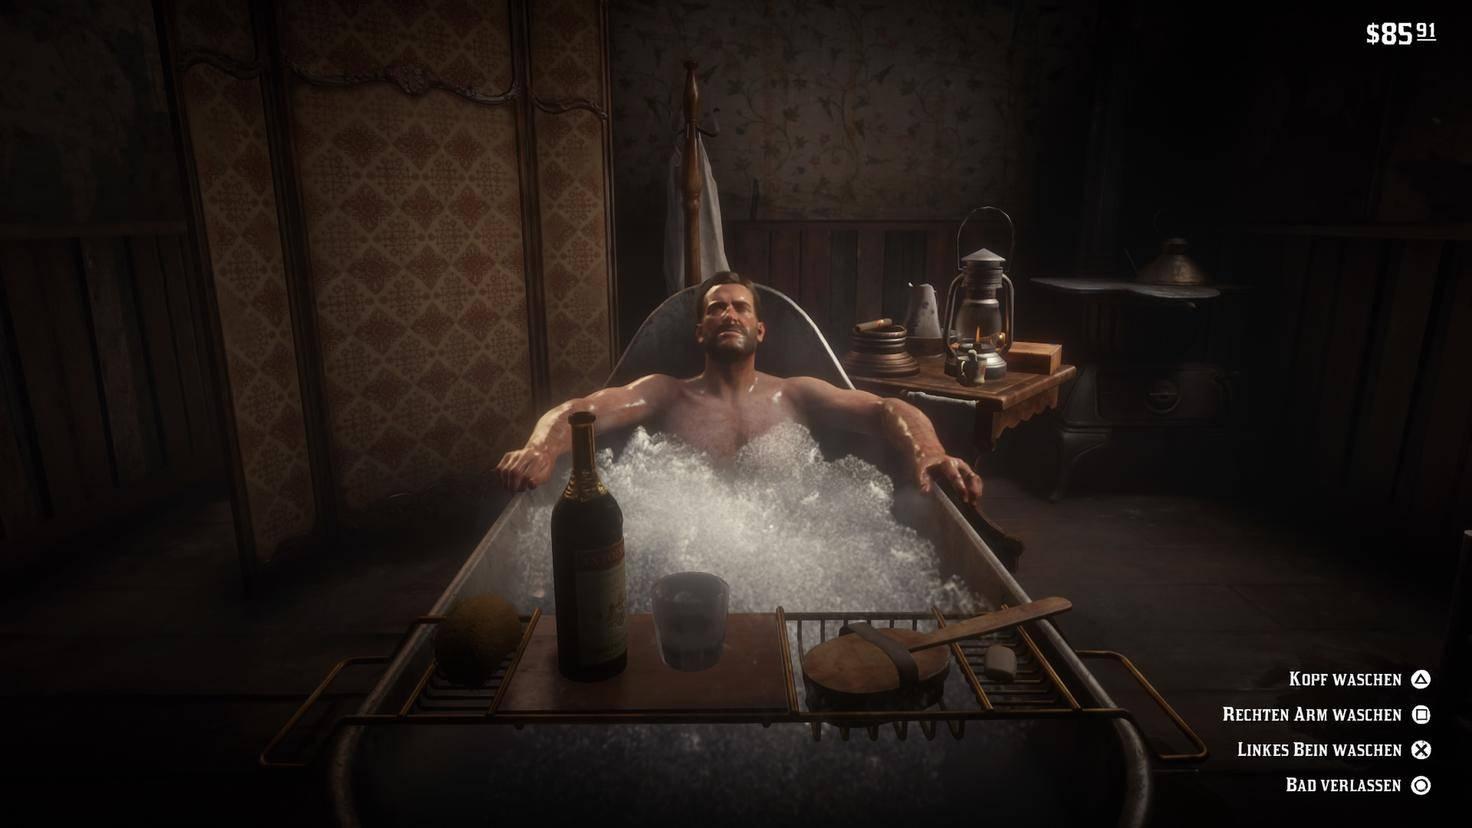 ... und ein heißes Bad ...